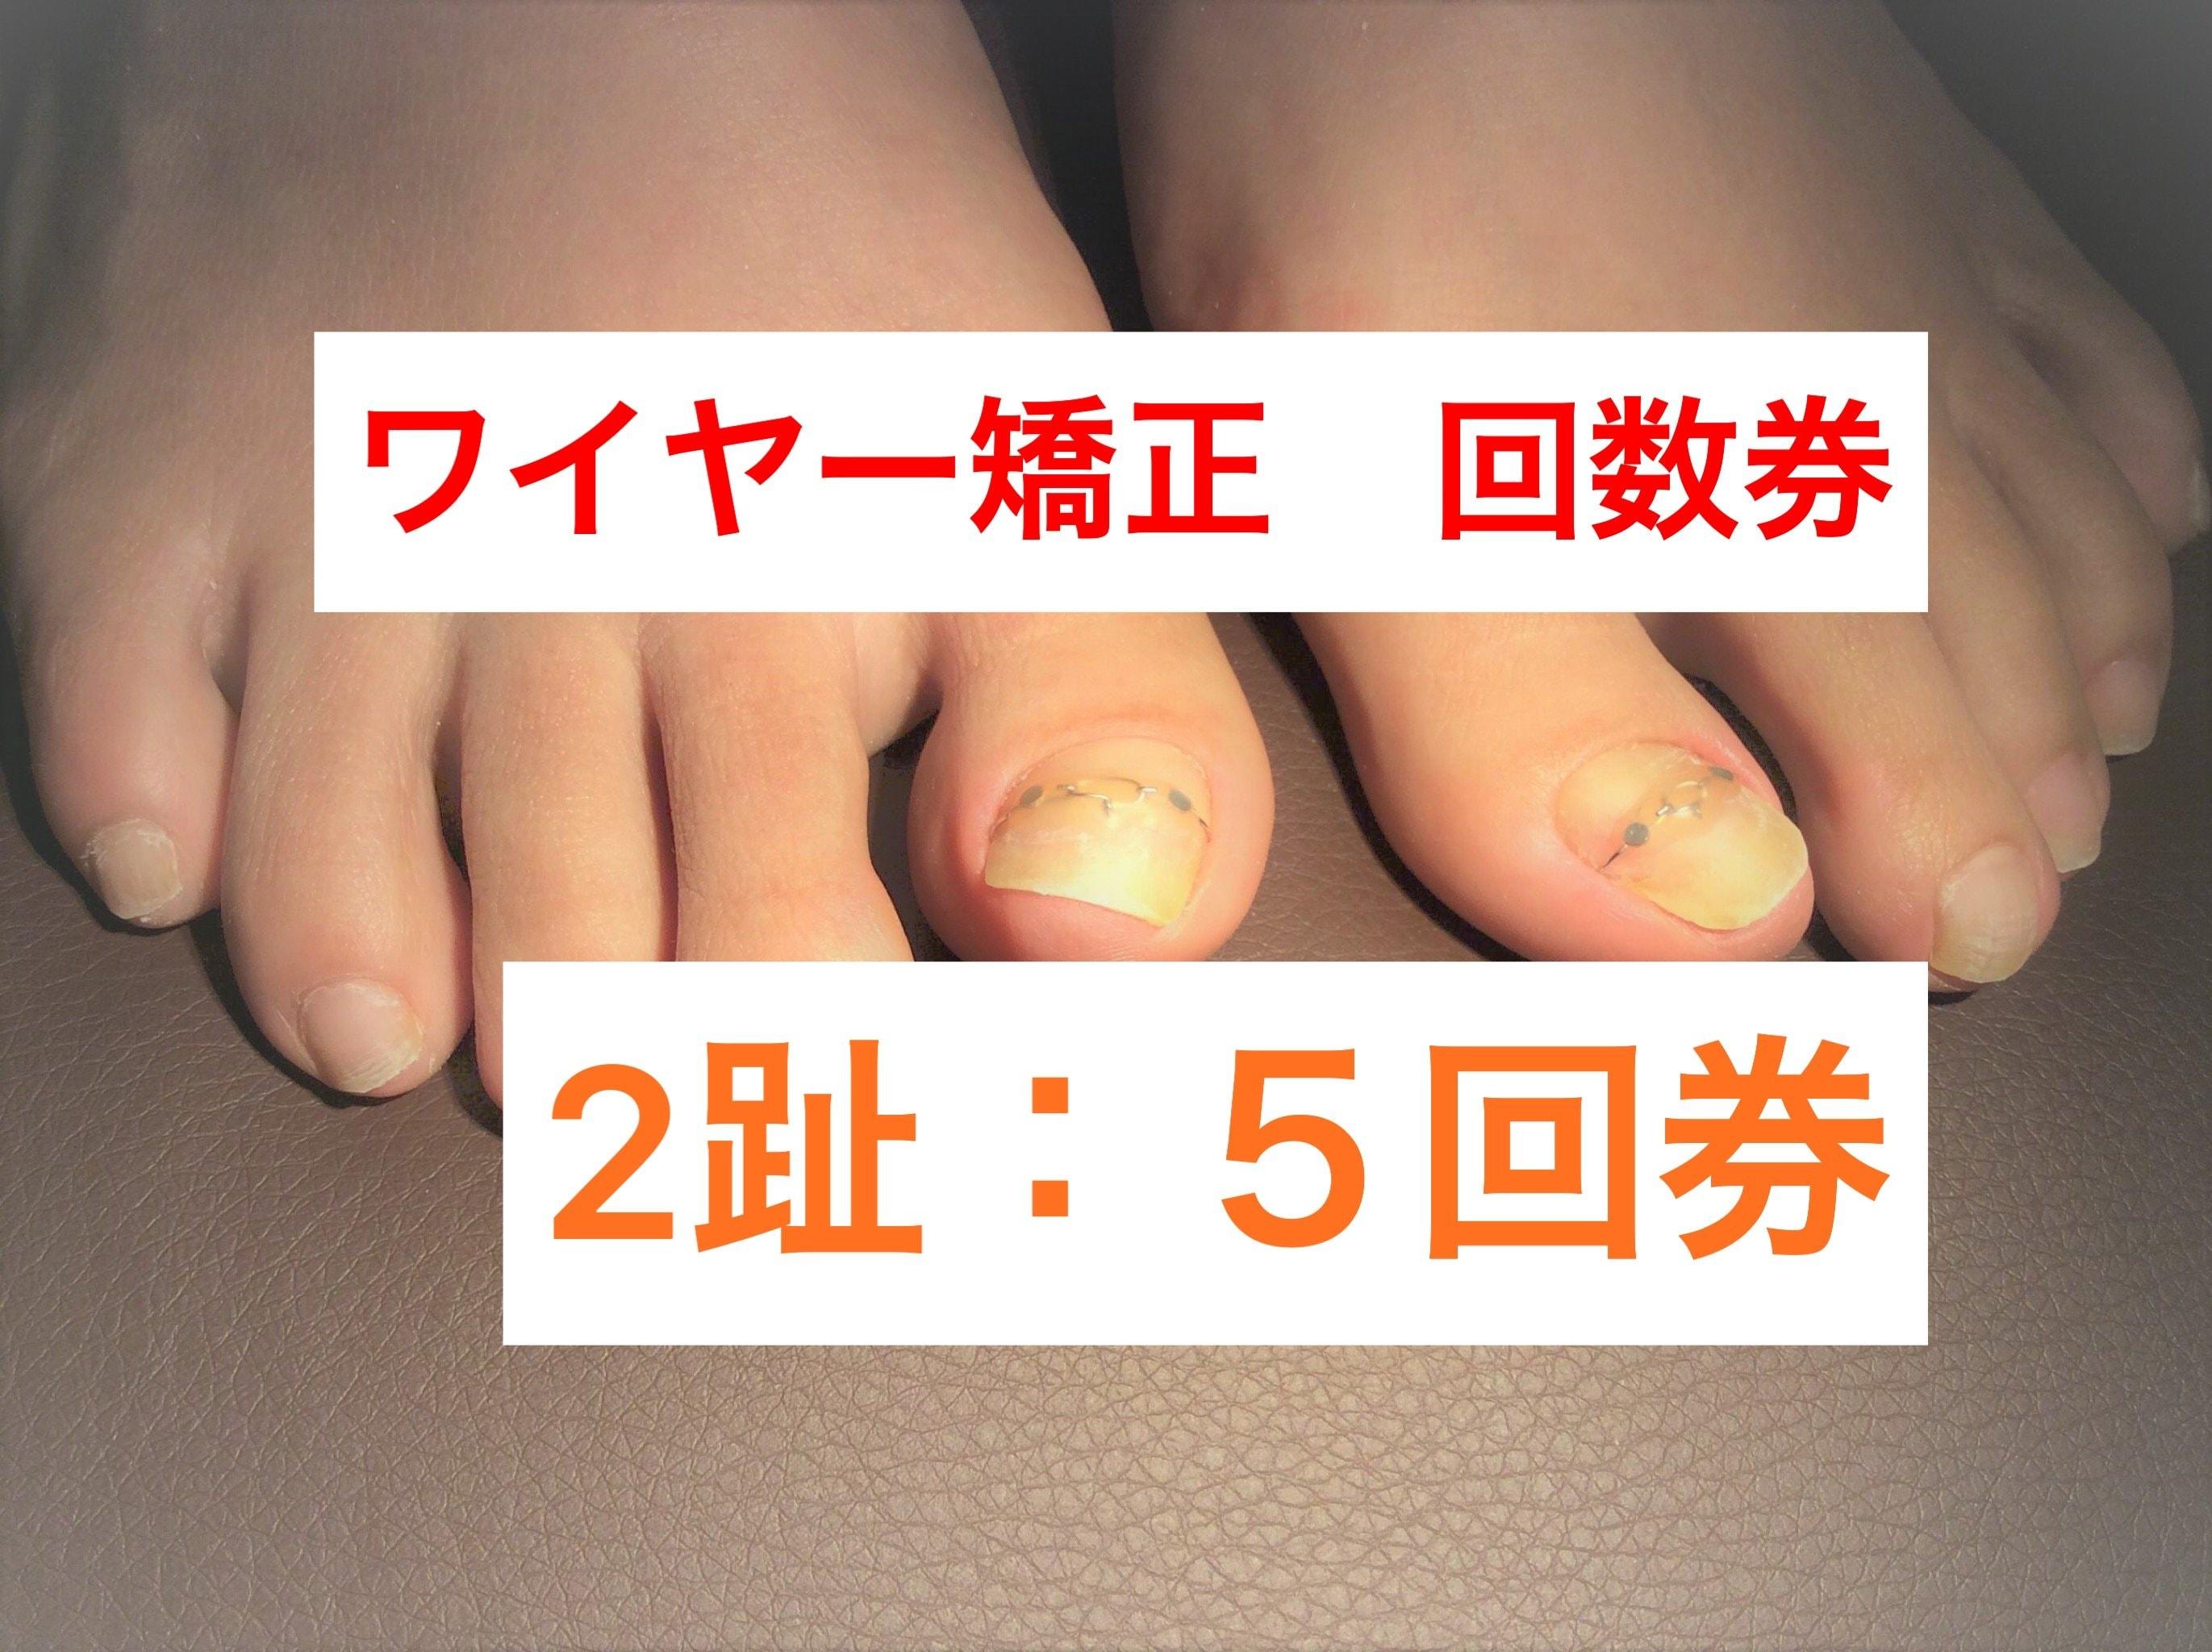 巻き爪2趾5回券 ワイヤー矯正(指2本分)神戸三宮の巻爪ケア 痛くない!根元から形をかえる!【現地払い】のイメージその1